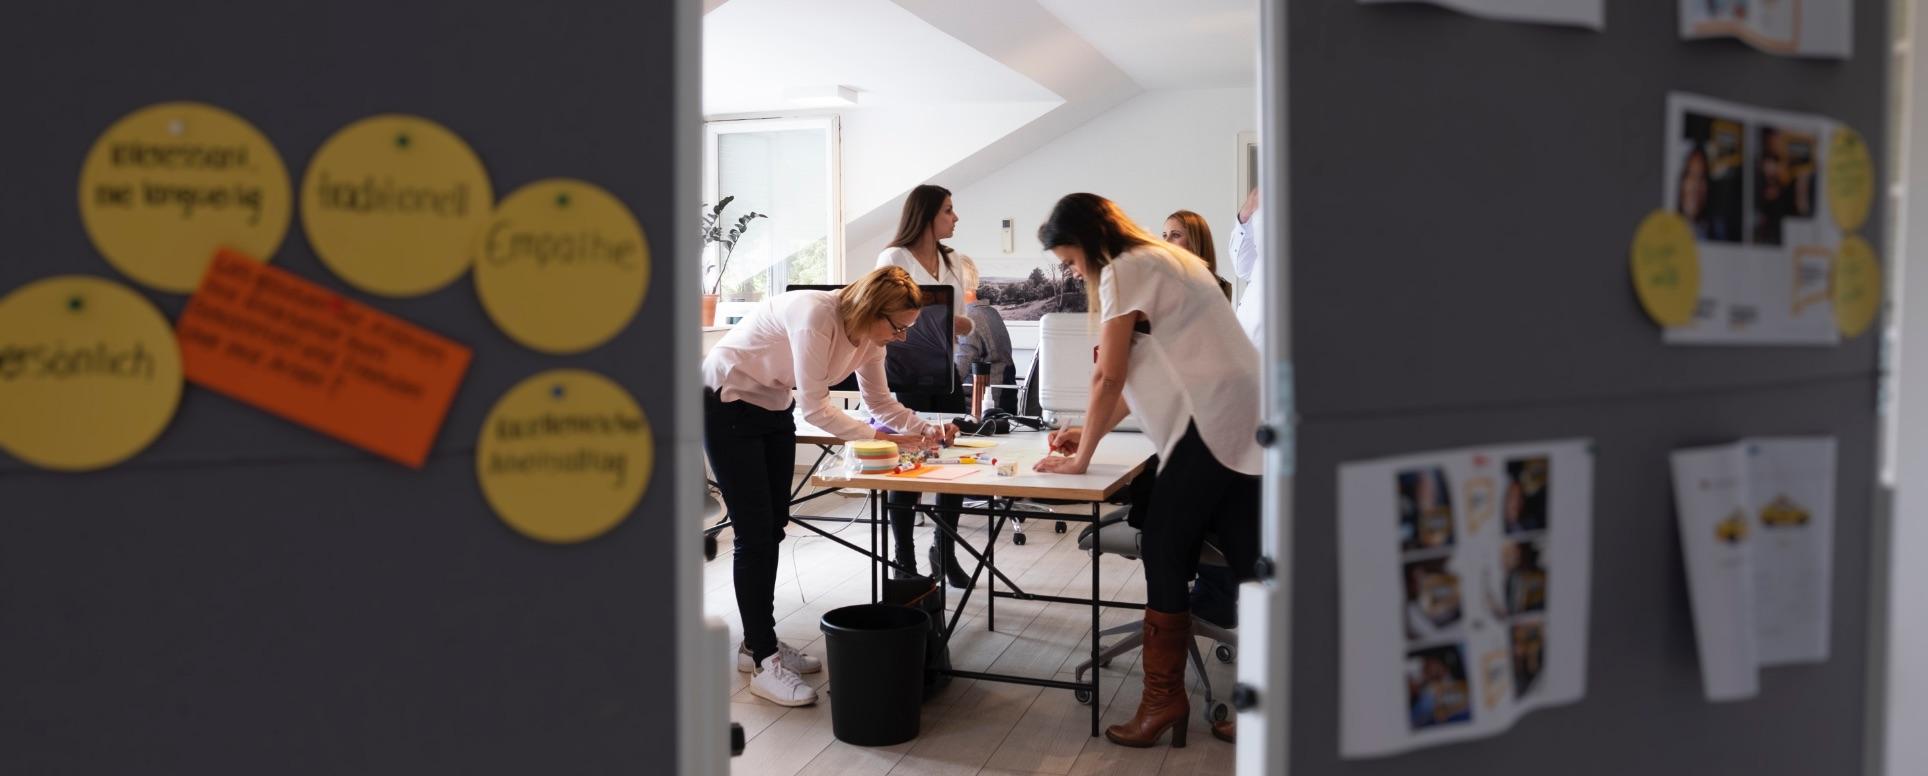 Mitarbeiter der Weik Agentur während einem Brainstorming